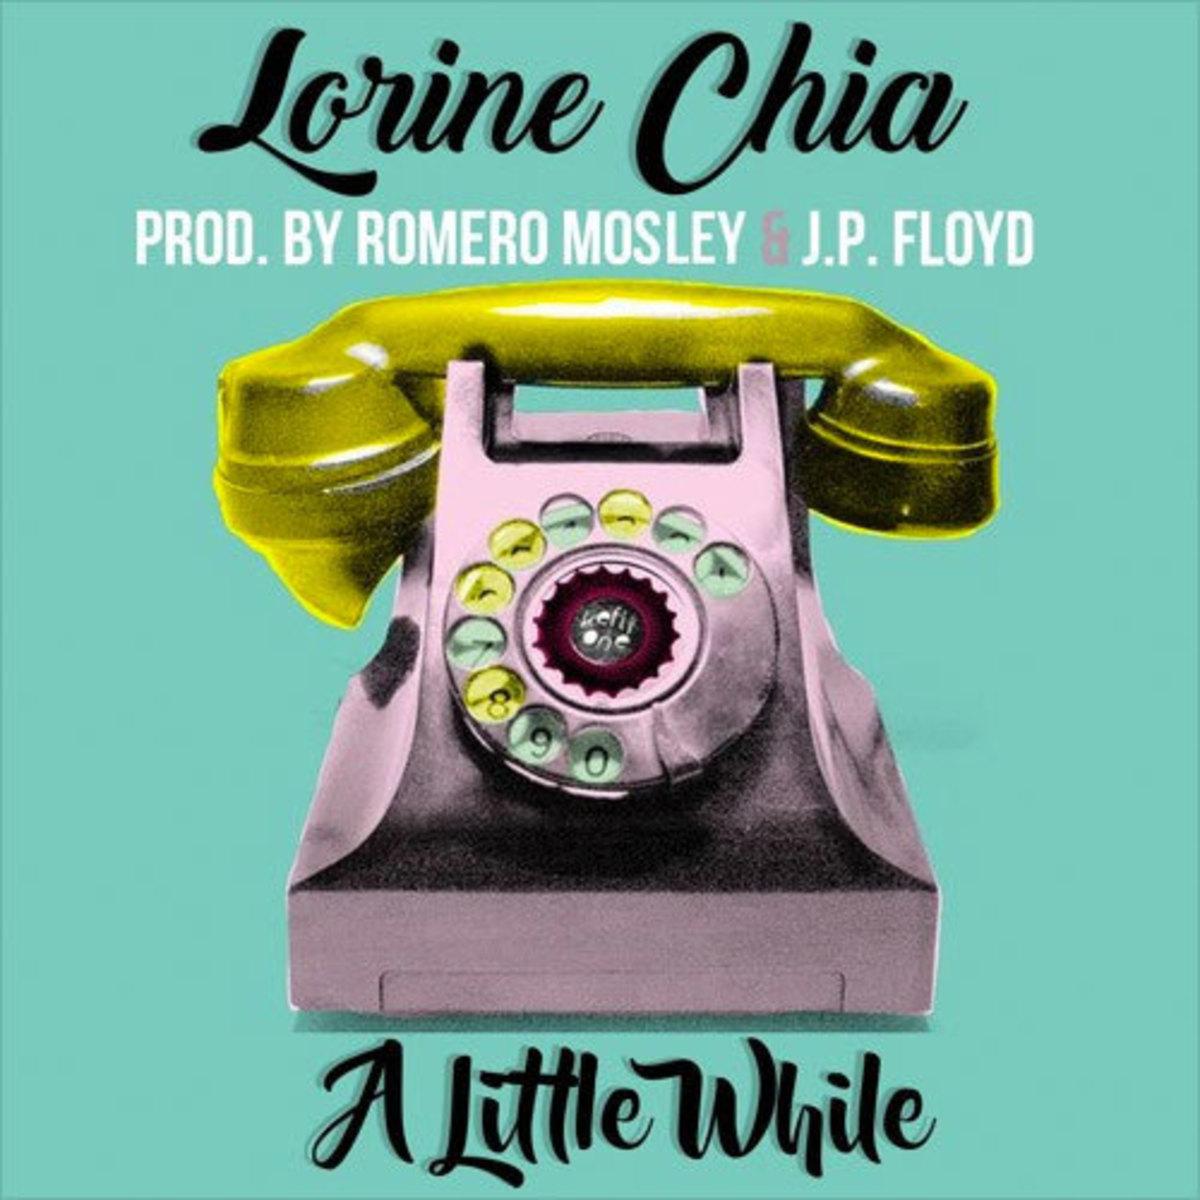 lorine-chia-a-little-while.jpg